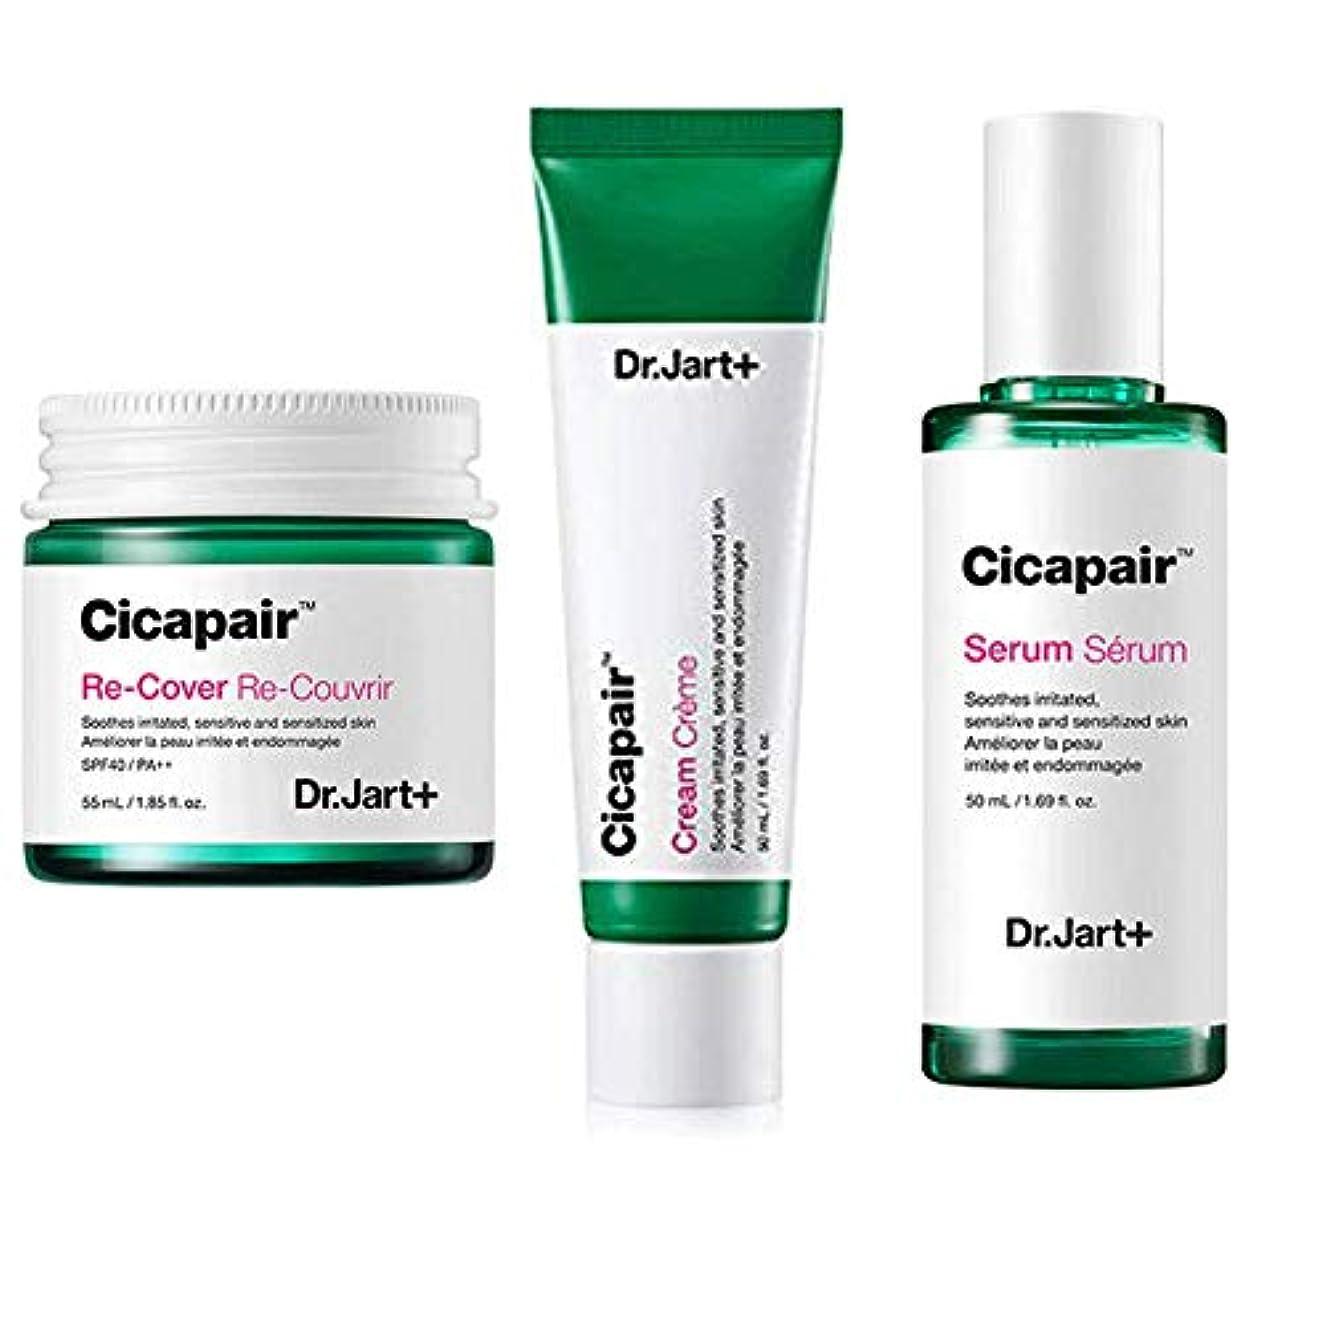 モードパネル乱れDr.Jart+ Cicapair Cream + ReCover + Serum ドクタージャルトシカペアクリーム50ml + リカバー 55ml + セラム 50ml(2代目) セット [並行輸入品]